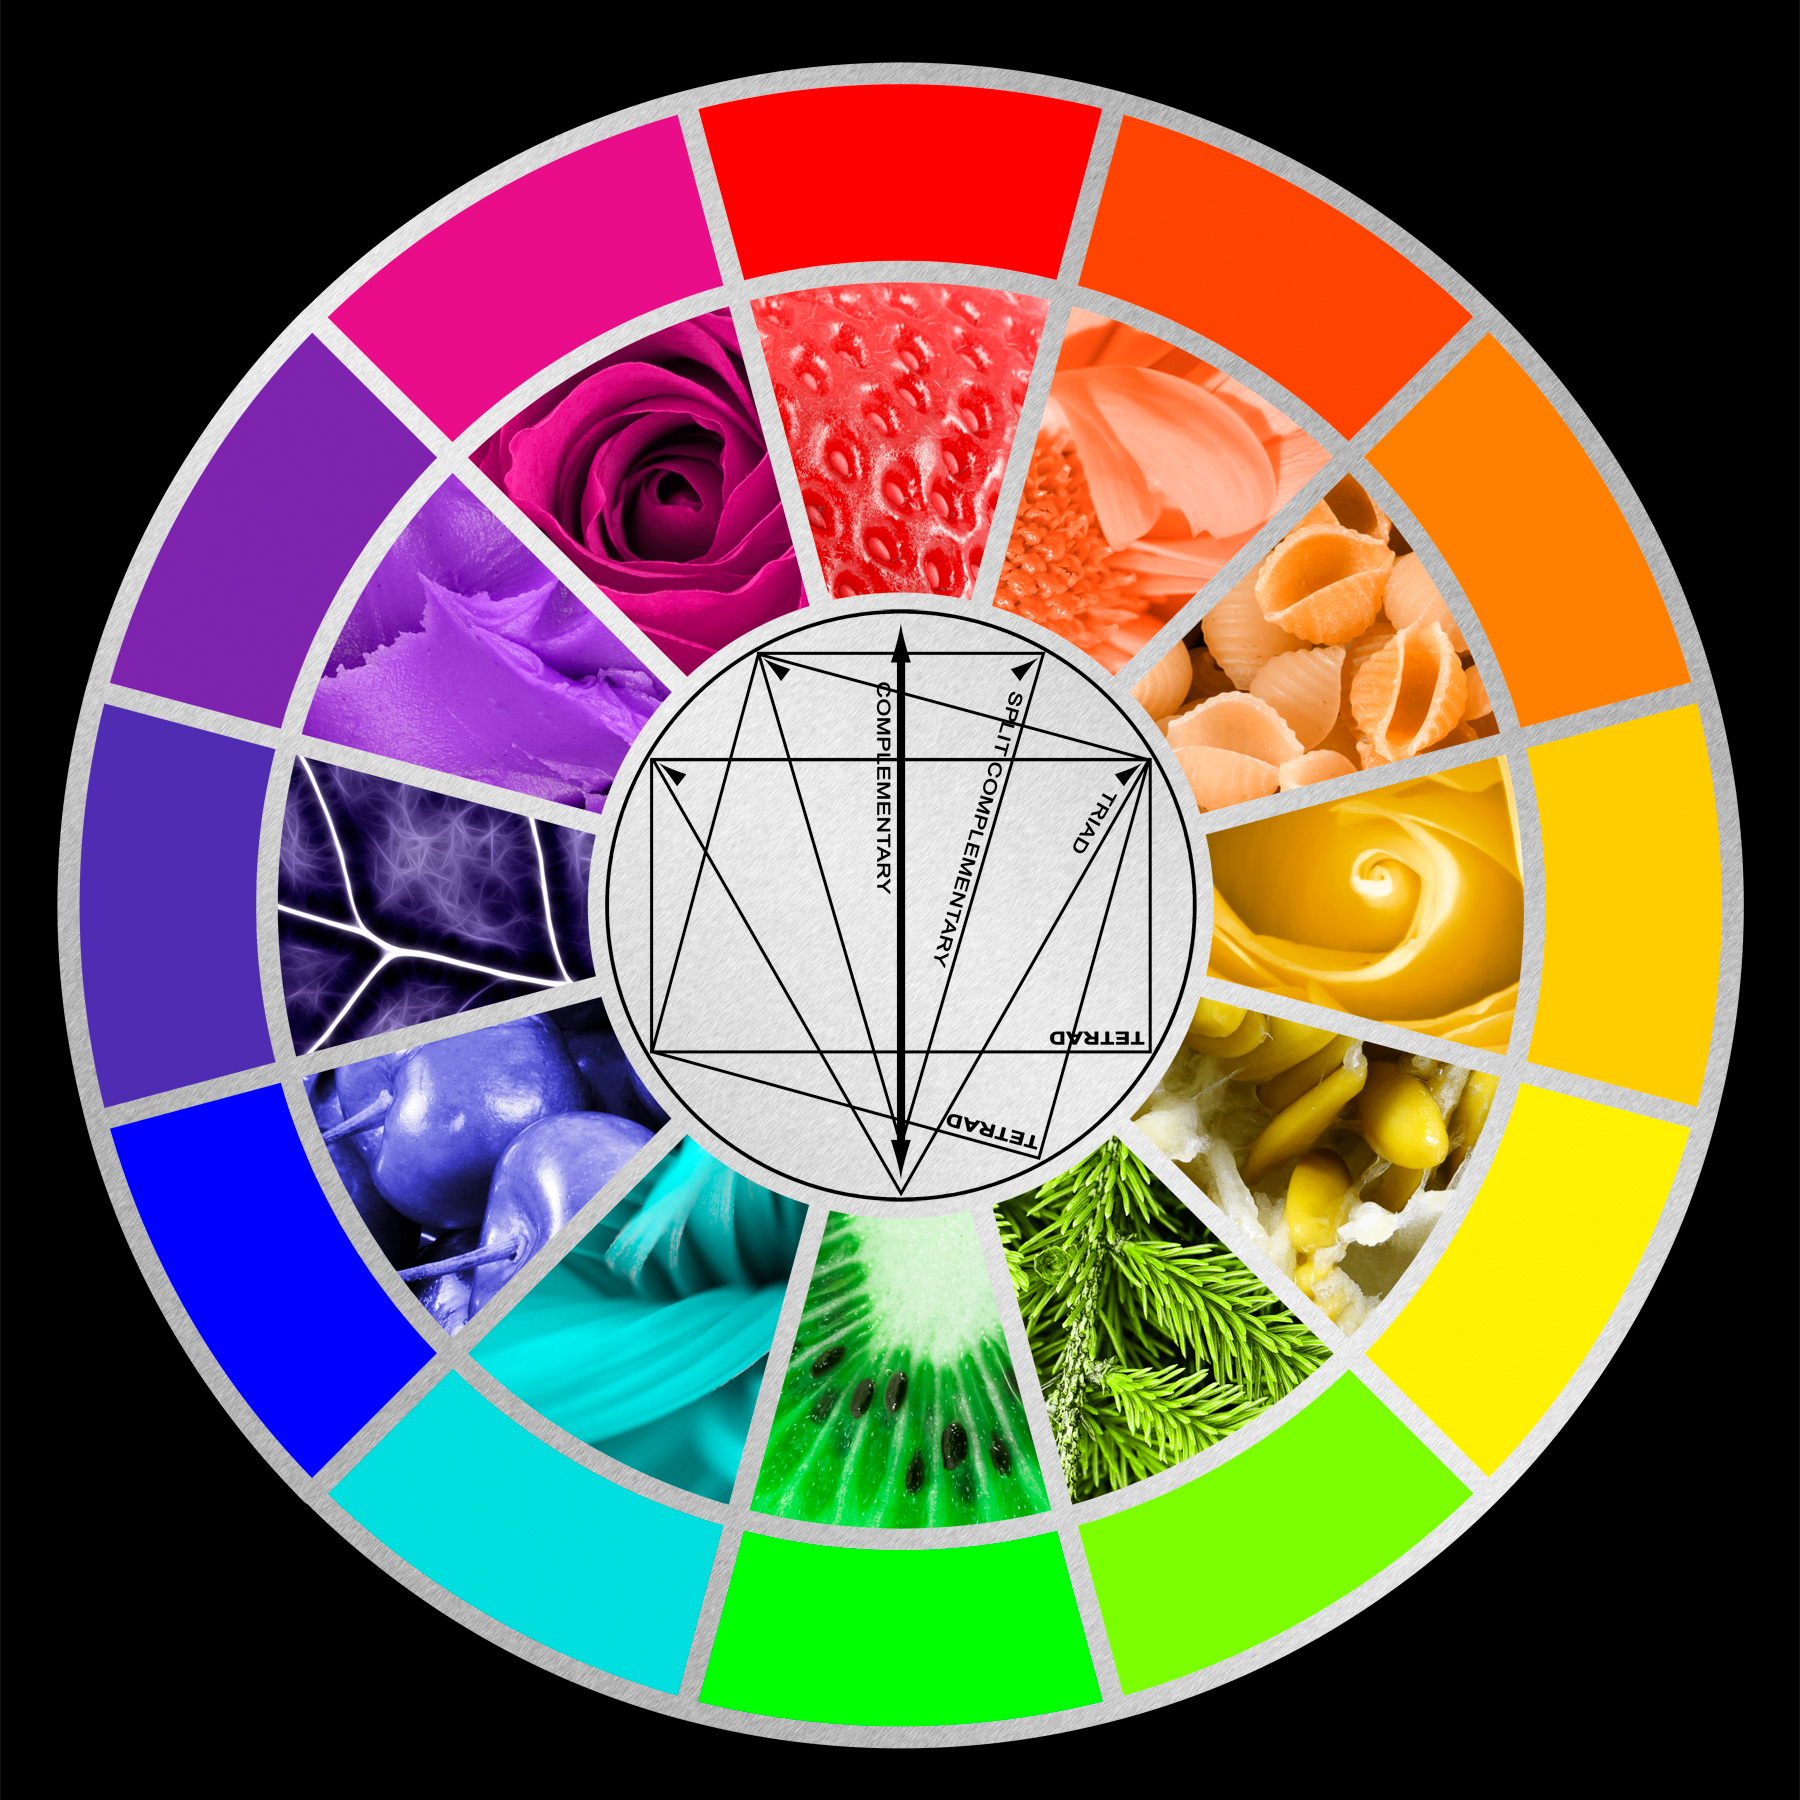 Free Photo Stylized Color Wheel Rgb Orange Photo Free